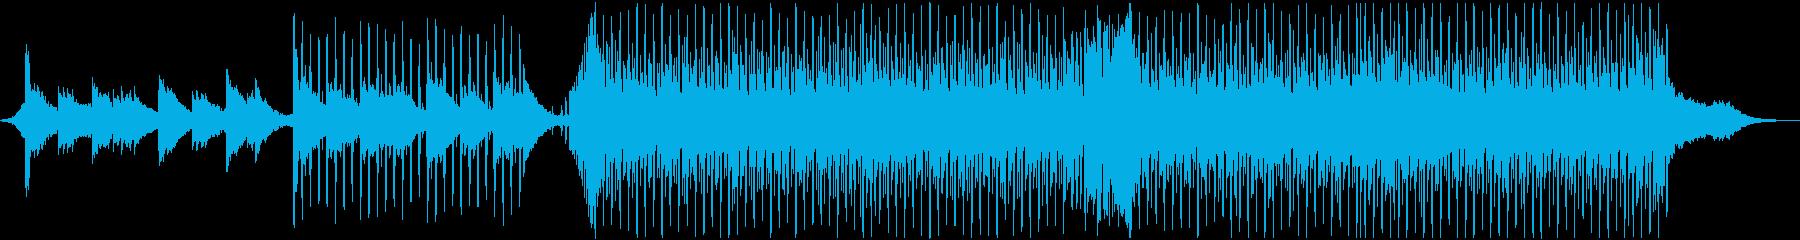 爽やかな夏の森【アコギ/シンセ】短verの再生済みの波形